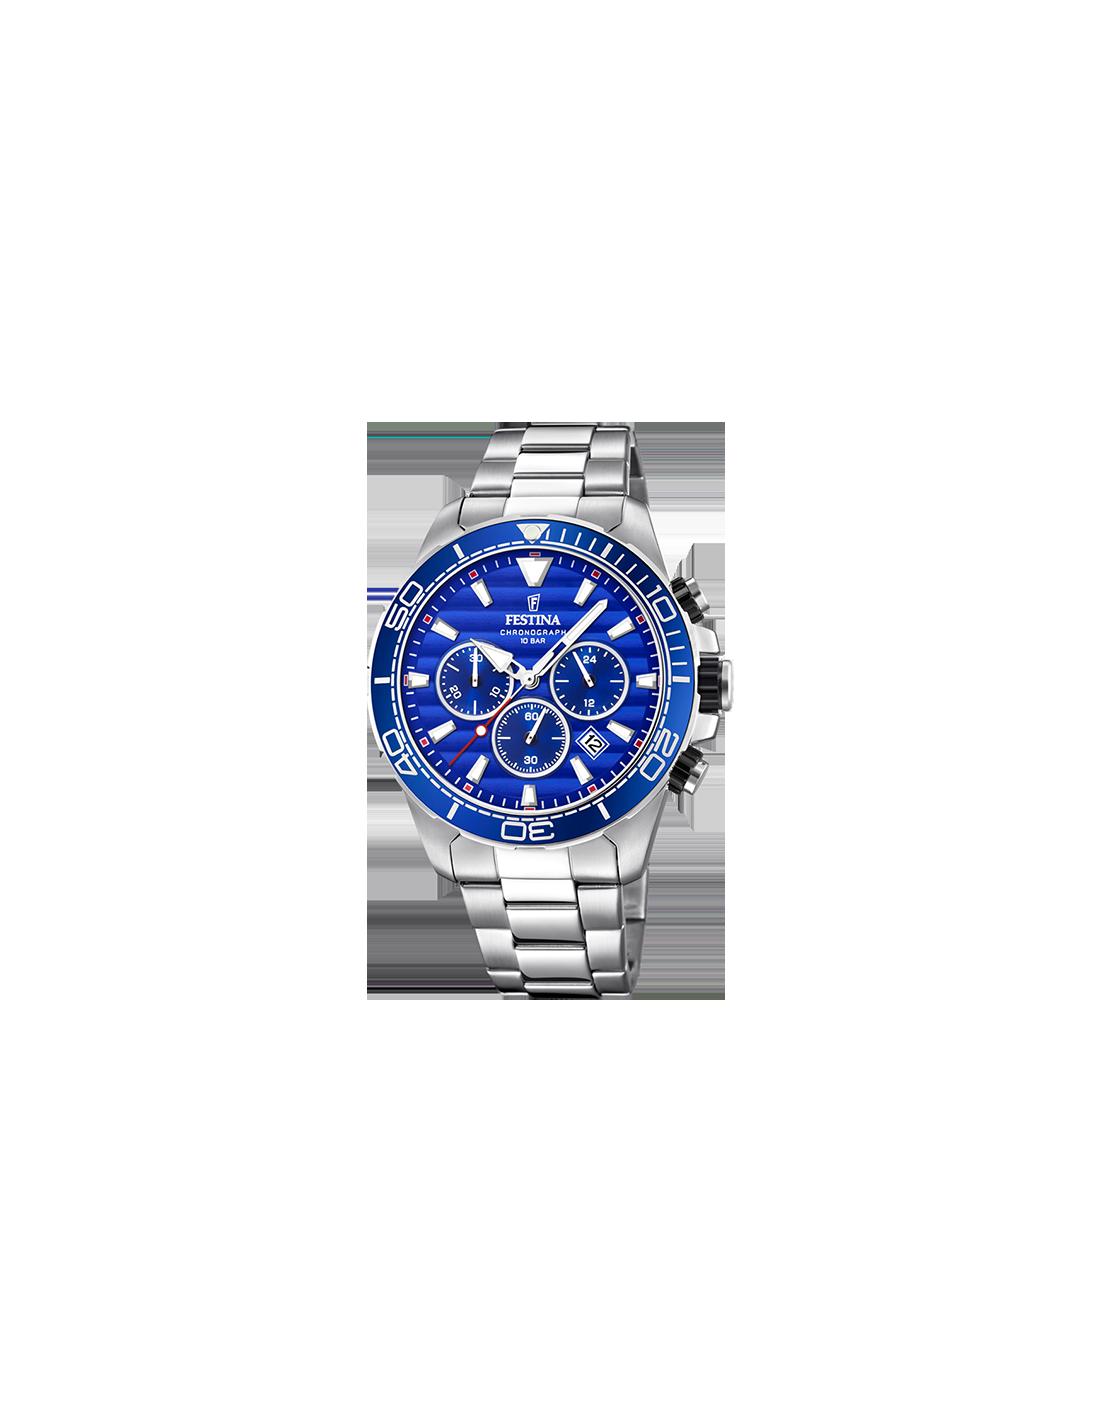 Reloj cronógrafo Festina F20361 2 de la colección Prestige en azul y  plateado e13431aeb80a